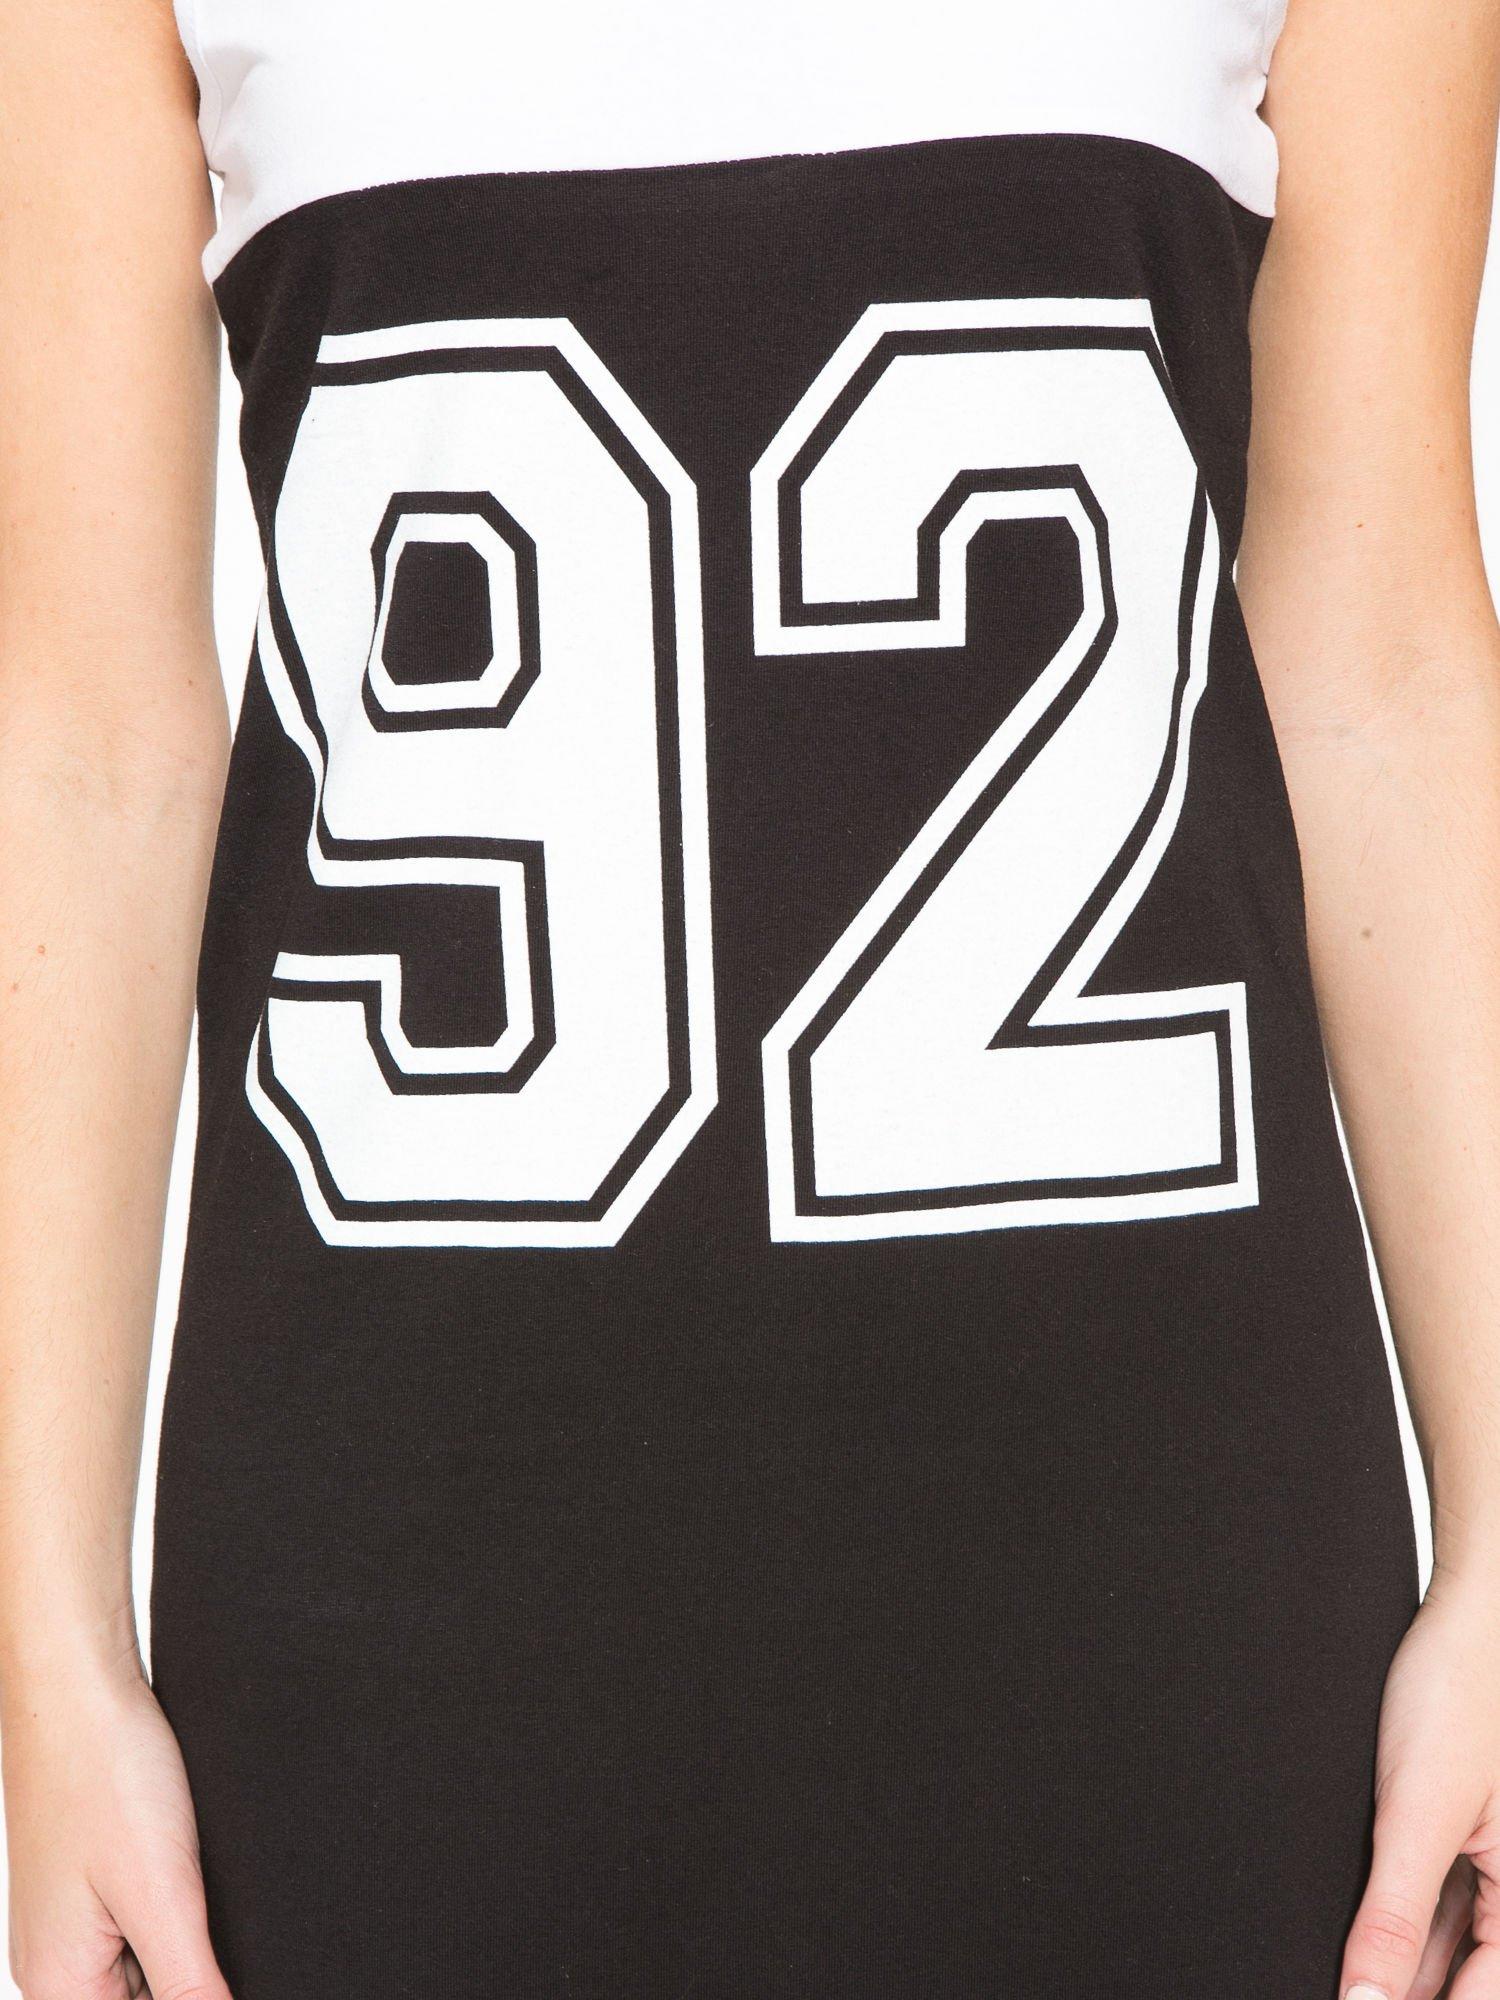 Biało-czarna sukienka maxi z numerem 92 w stylu baseball dress                                  zdj.                                  7